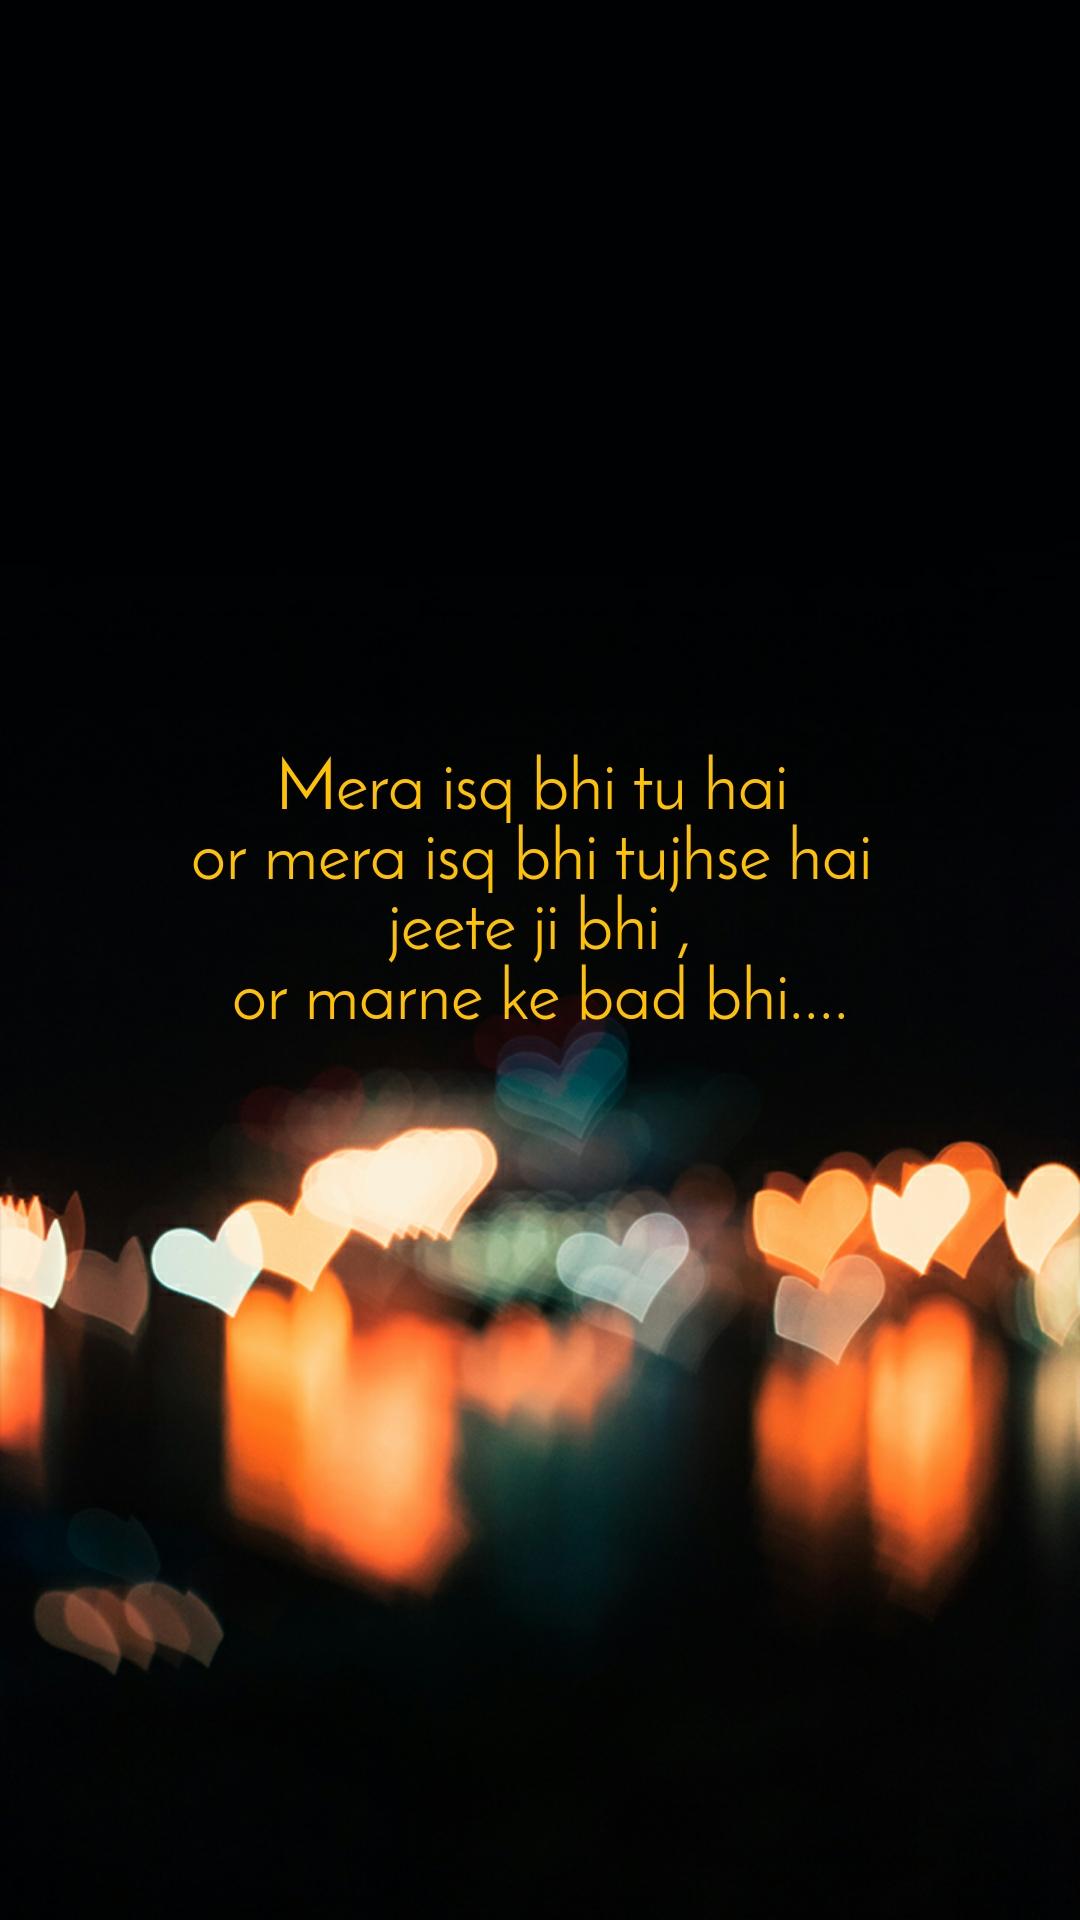 Mera isq bhi tu hai  or mera isq bhi tujhse hai  jeete ji bhi , or marne ke bad bhi....